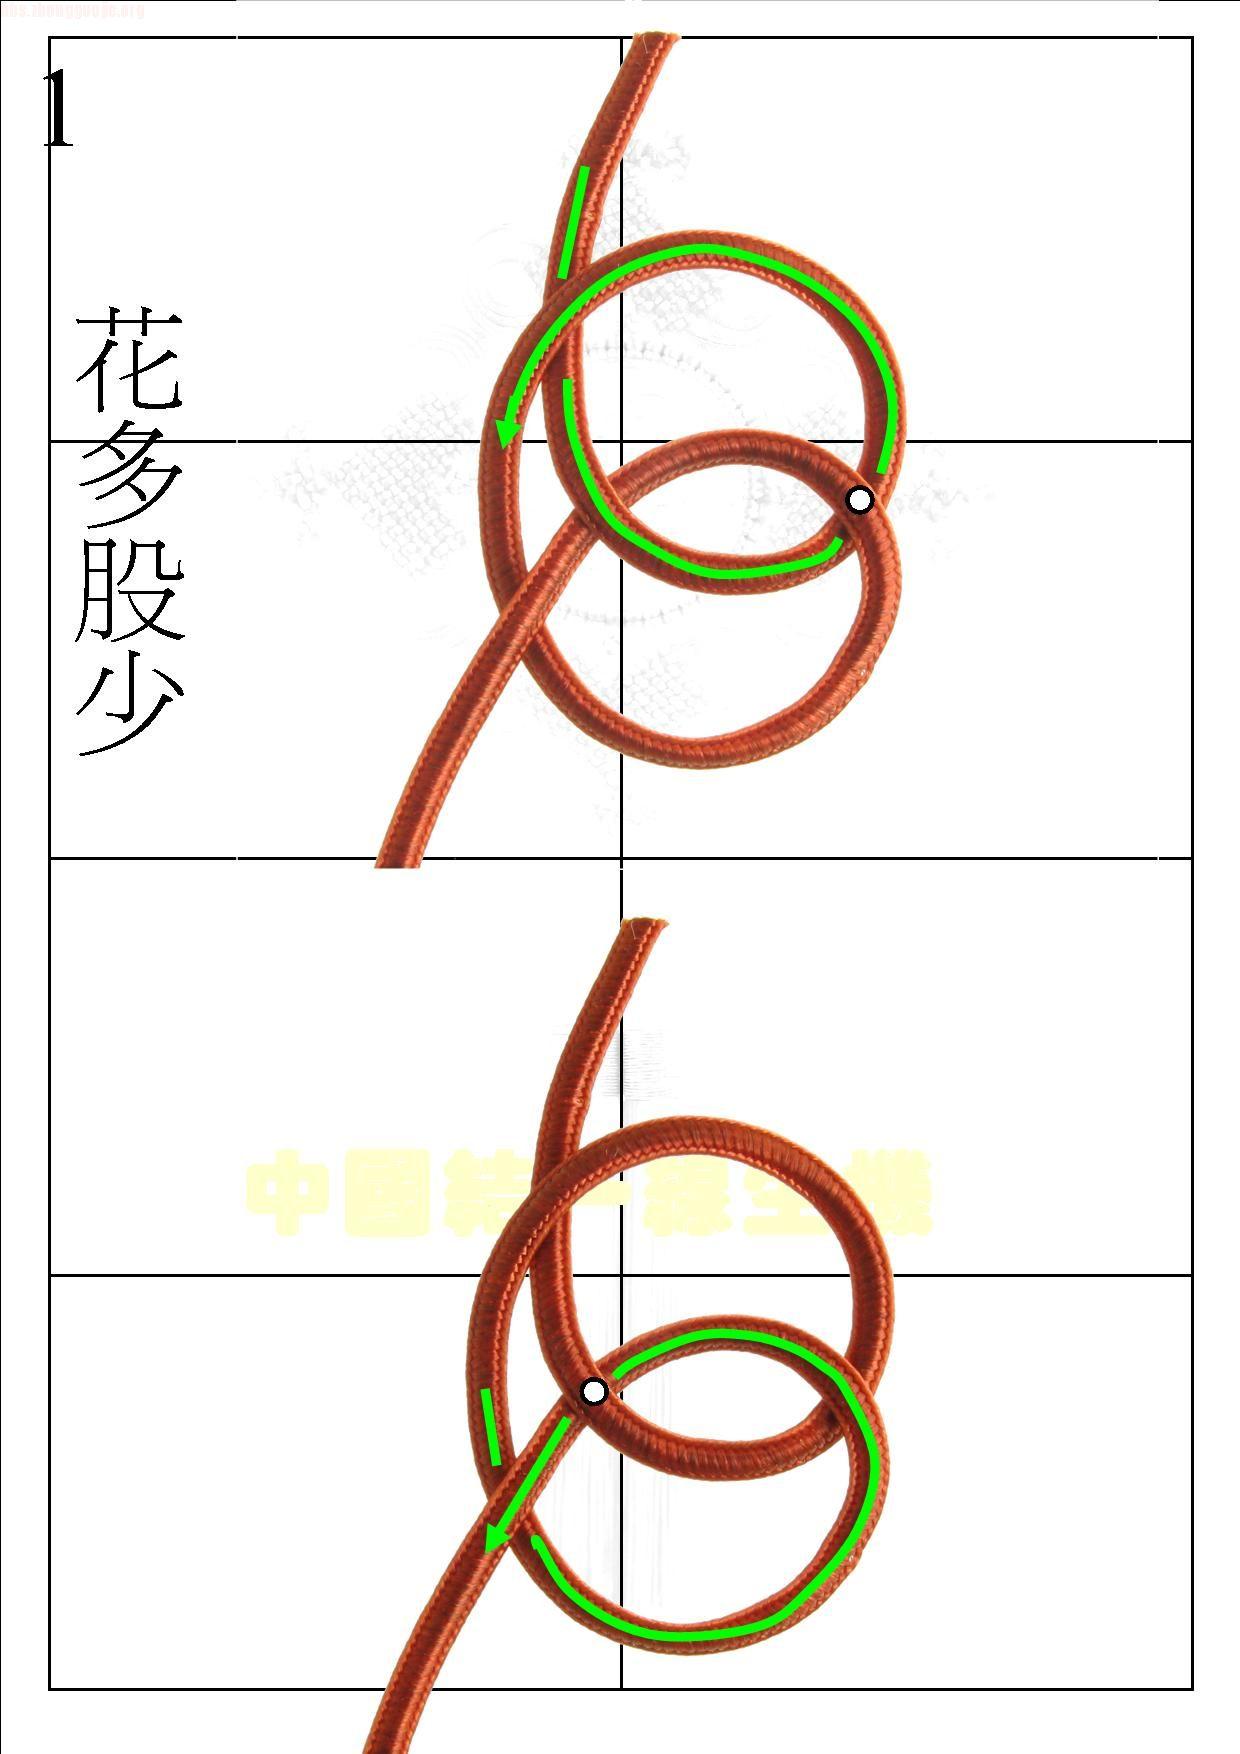 中国结论坛 十九股十八花----教程  一线生机-杨朝宗专栏 10081322505e36d525af980eb3